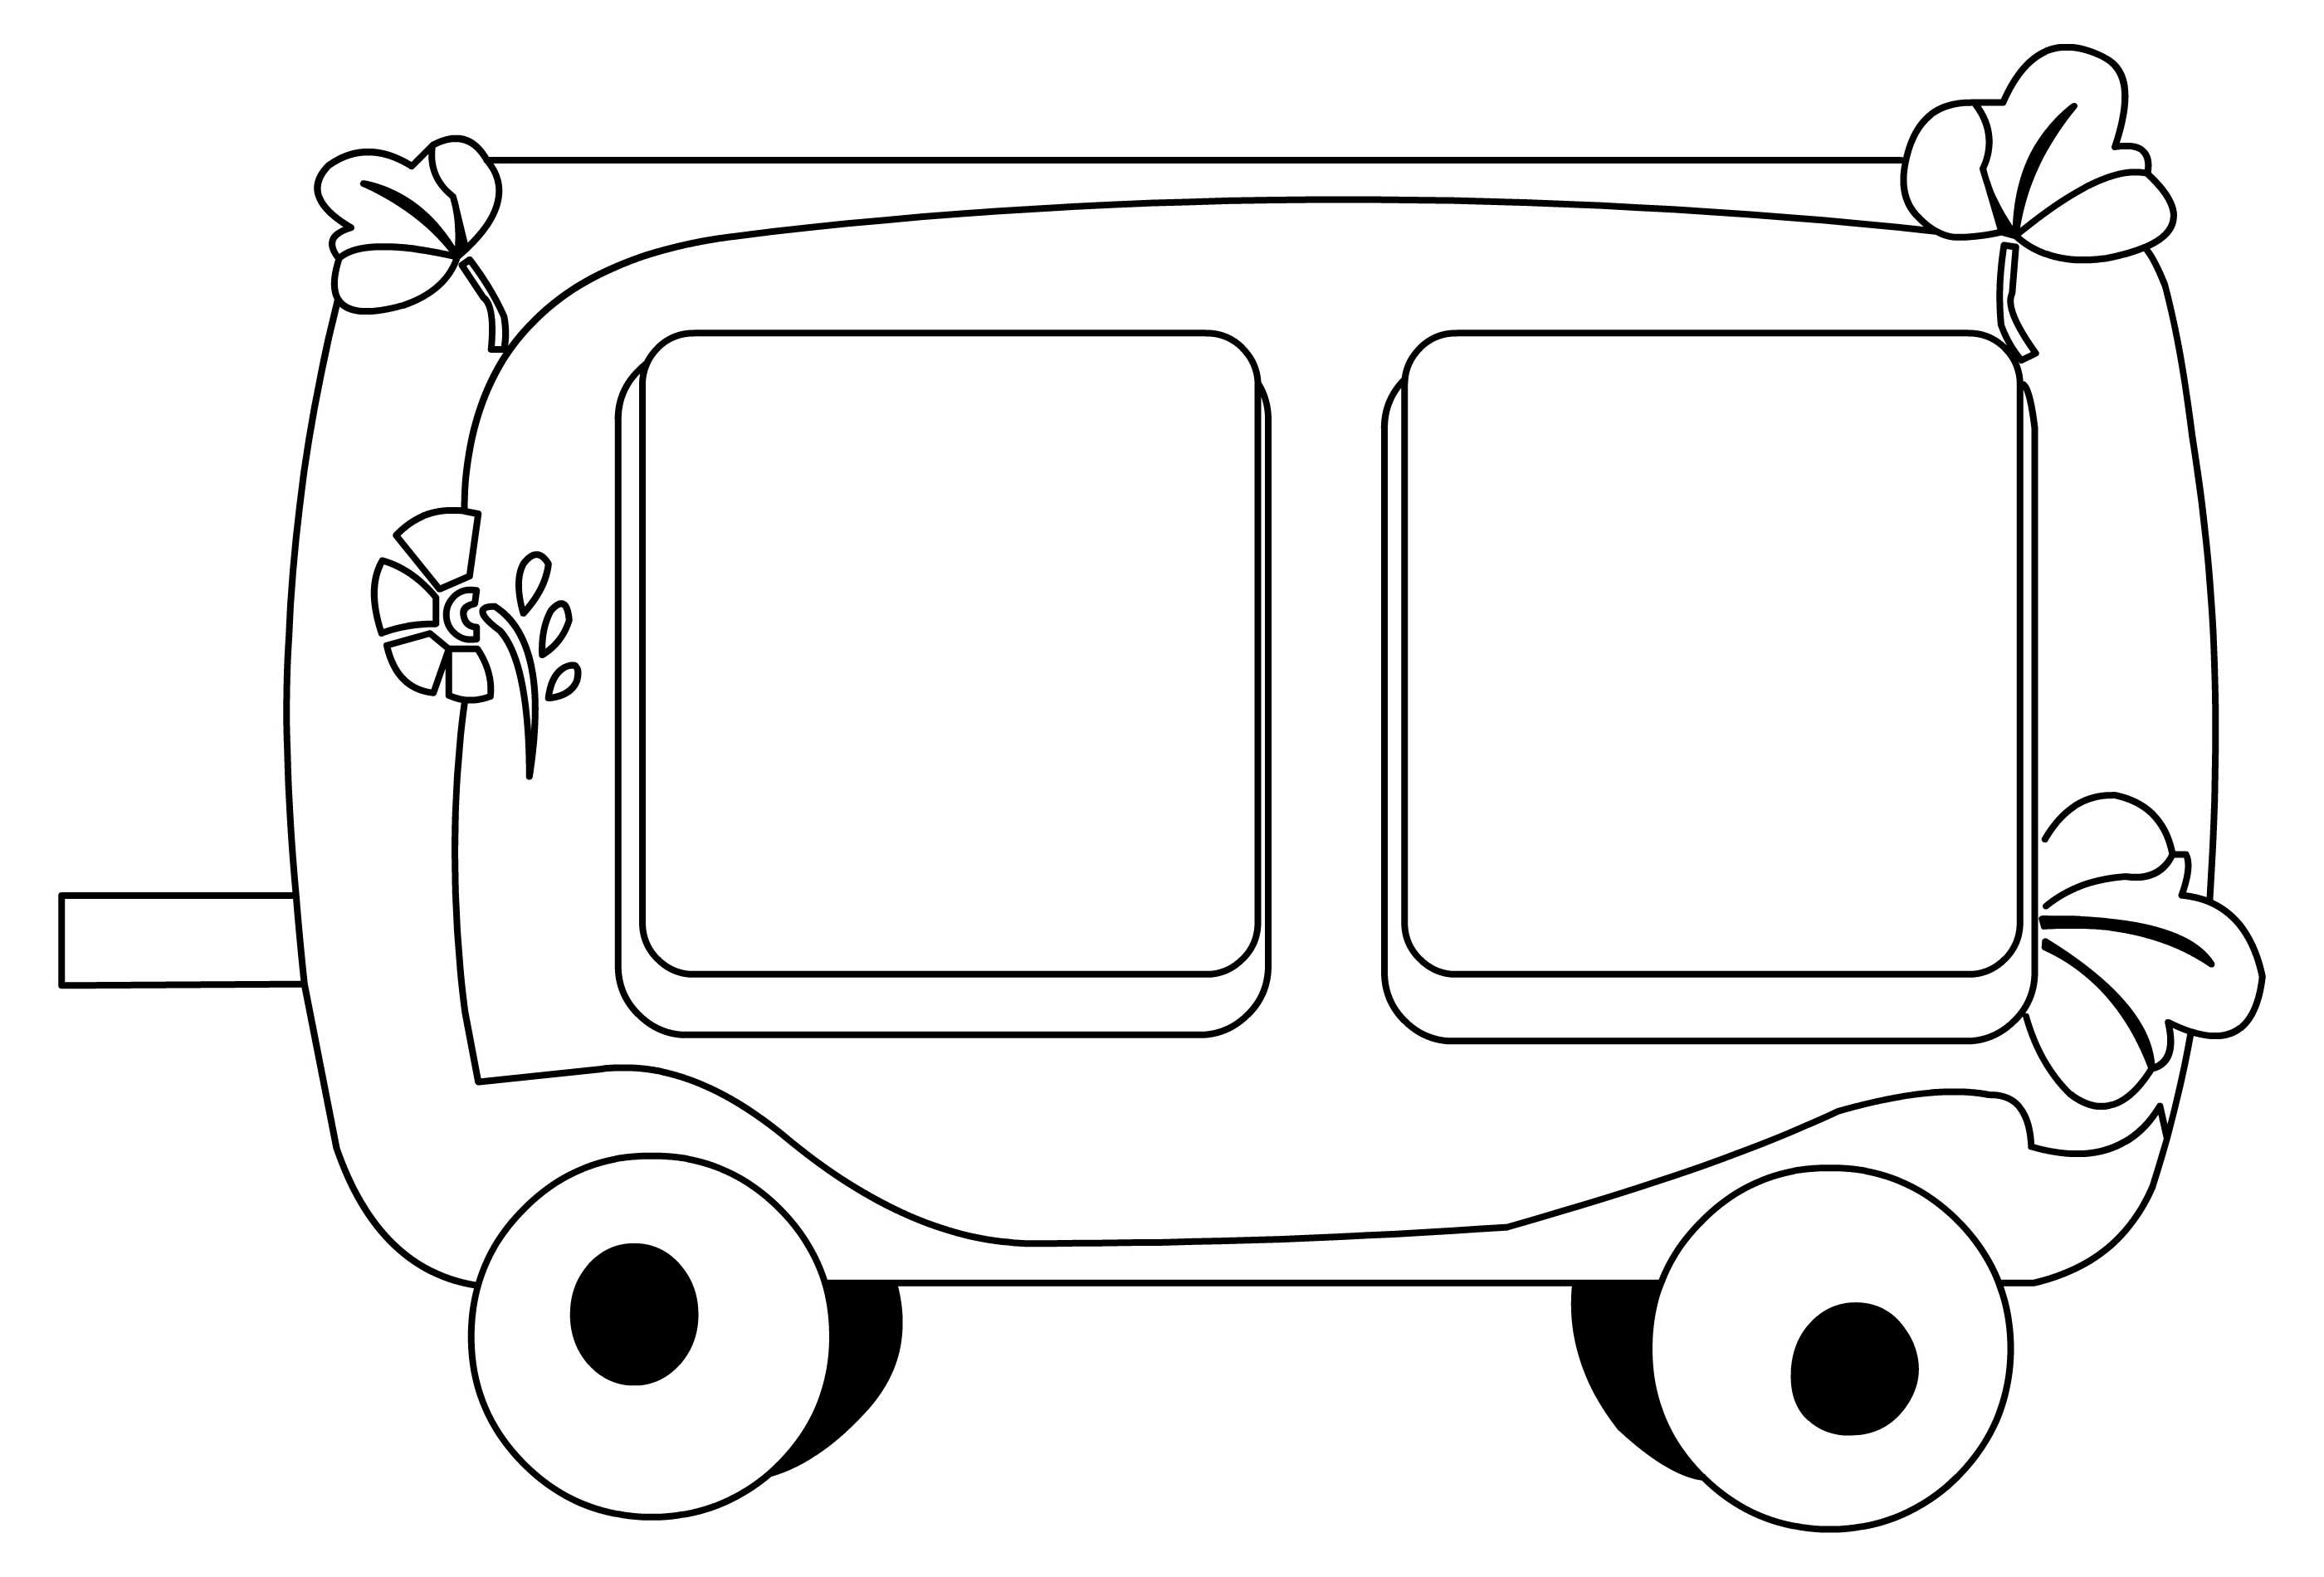 друг, соратник, картинки вагонов раскраски чистом виде вполне